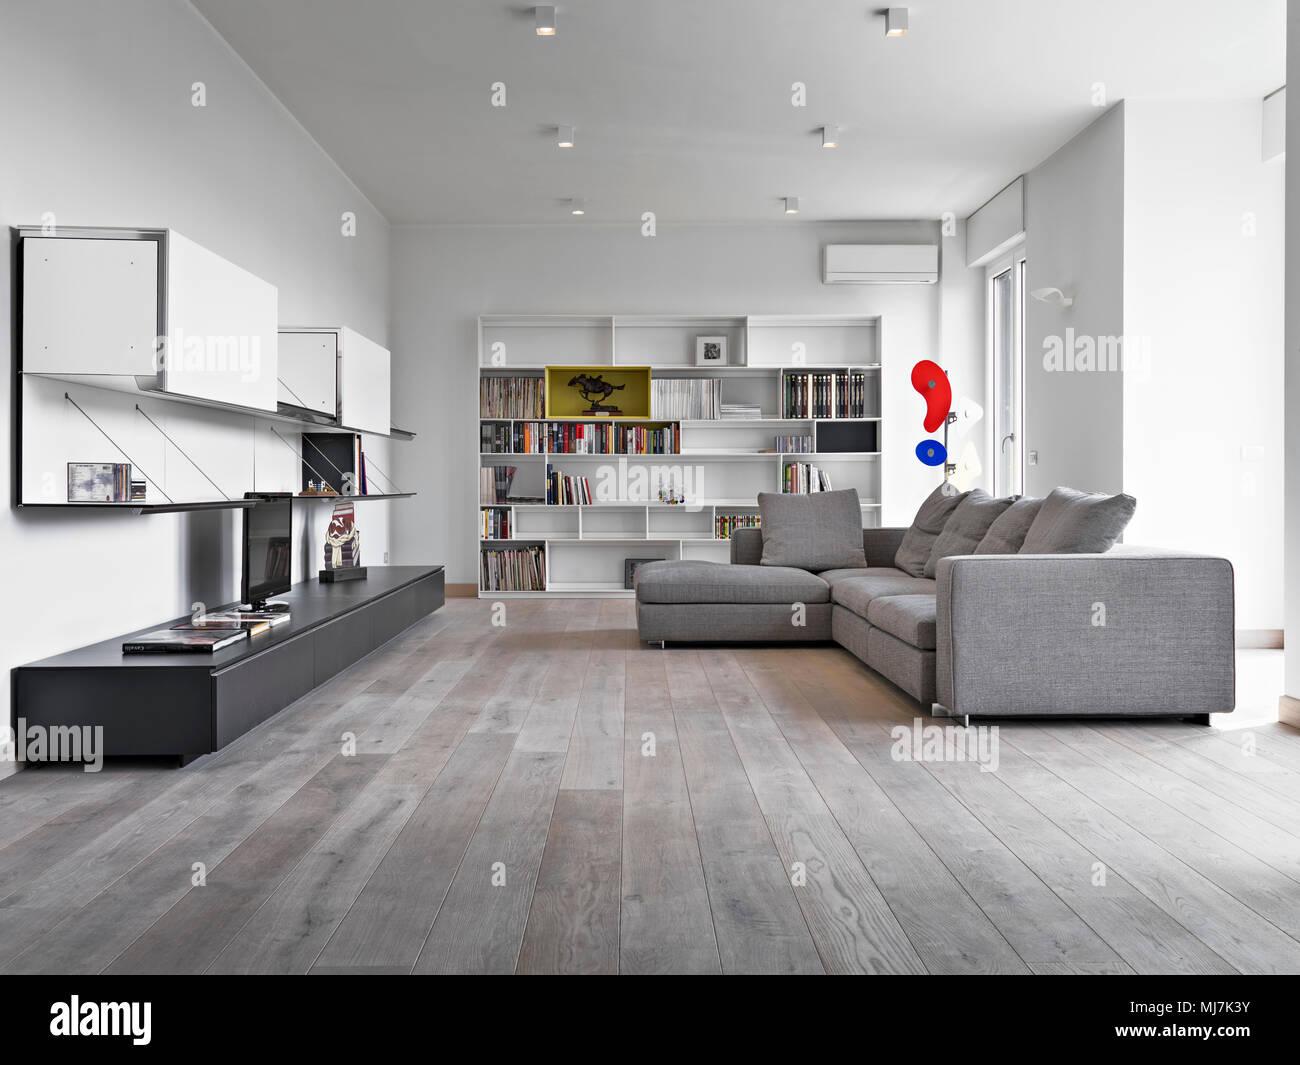 Scatti di interni di un soggiorno moderno con tessuto grigio divano e pavimento in legno Foto